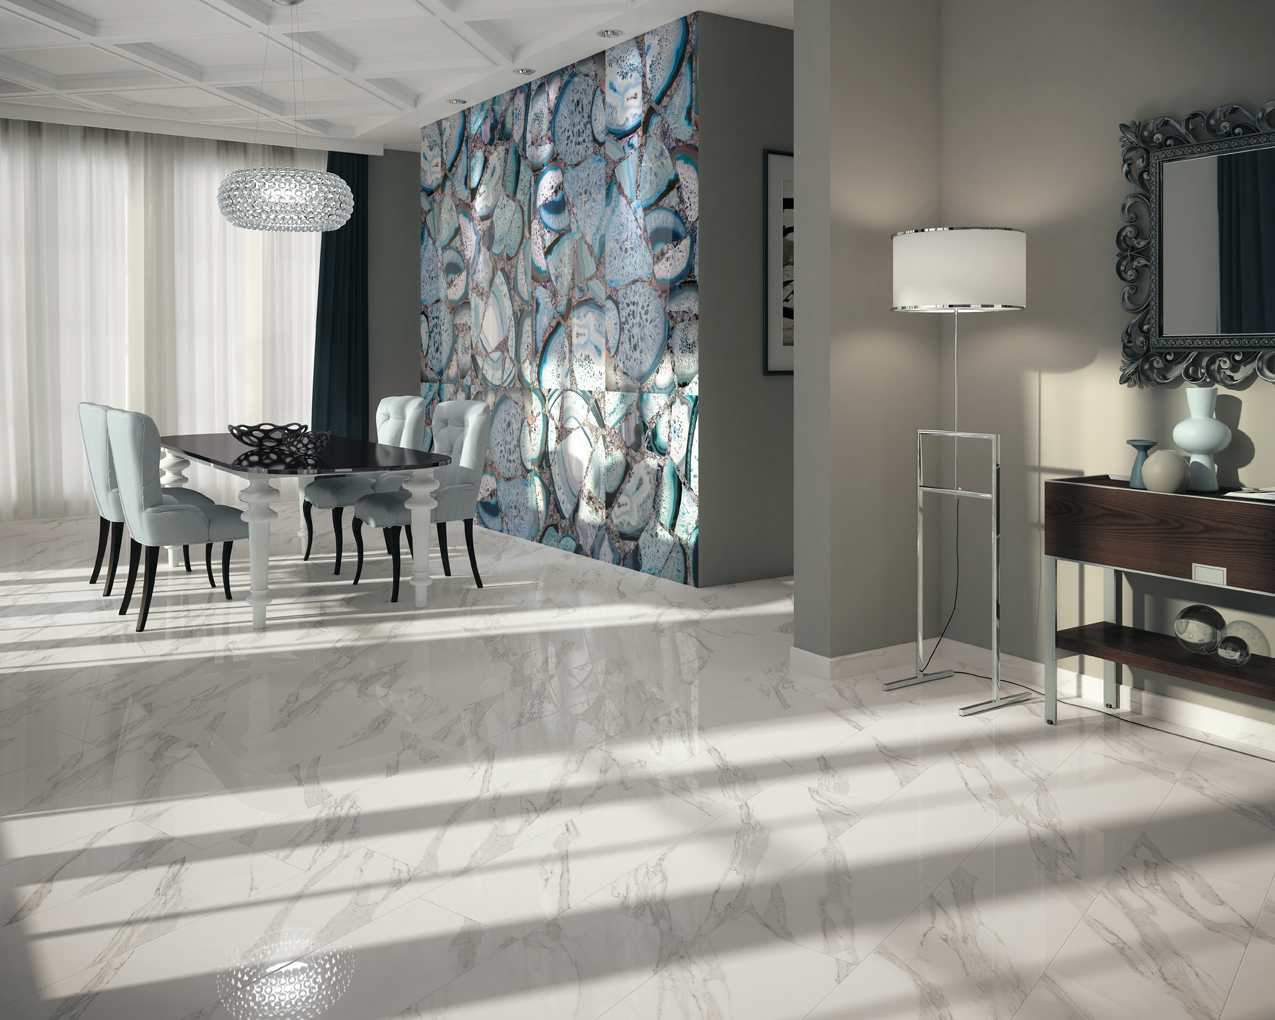 Màu sắc trang nhã từ từ vân đá tự nhiên trong bộ sưu tập Jewel mang lại vẻ đẹp sang trọng cho phòng khách